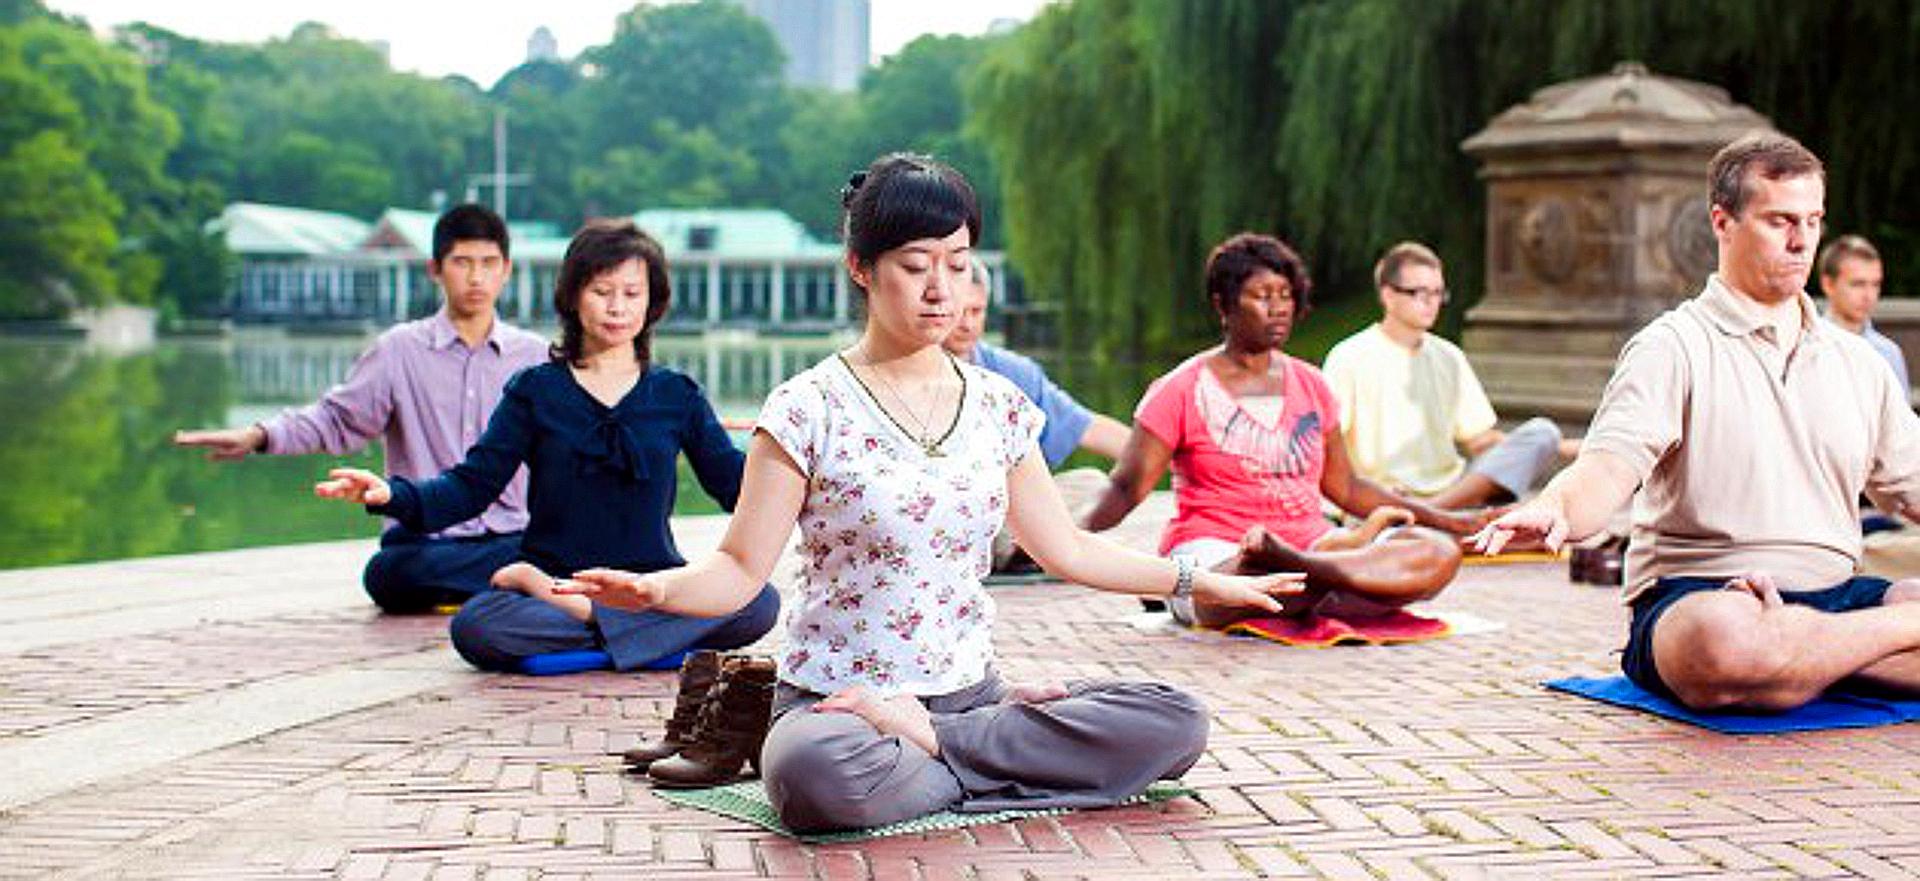 Im Angesicht der Epidemie: Meditation stärkt das Immunsystem